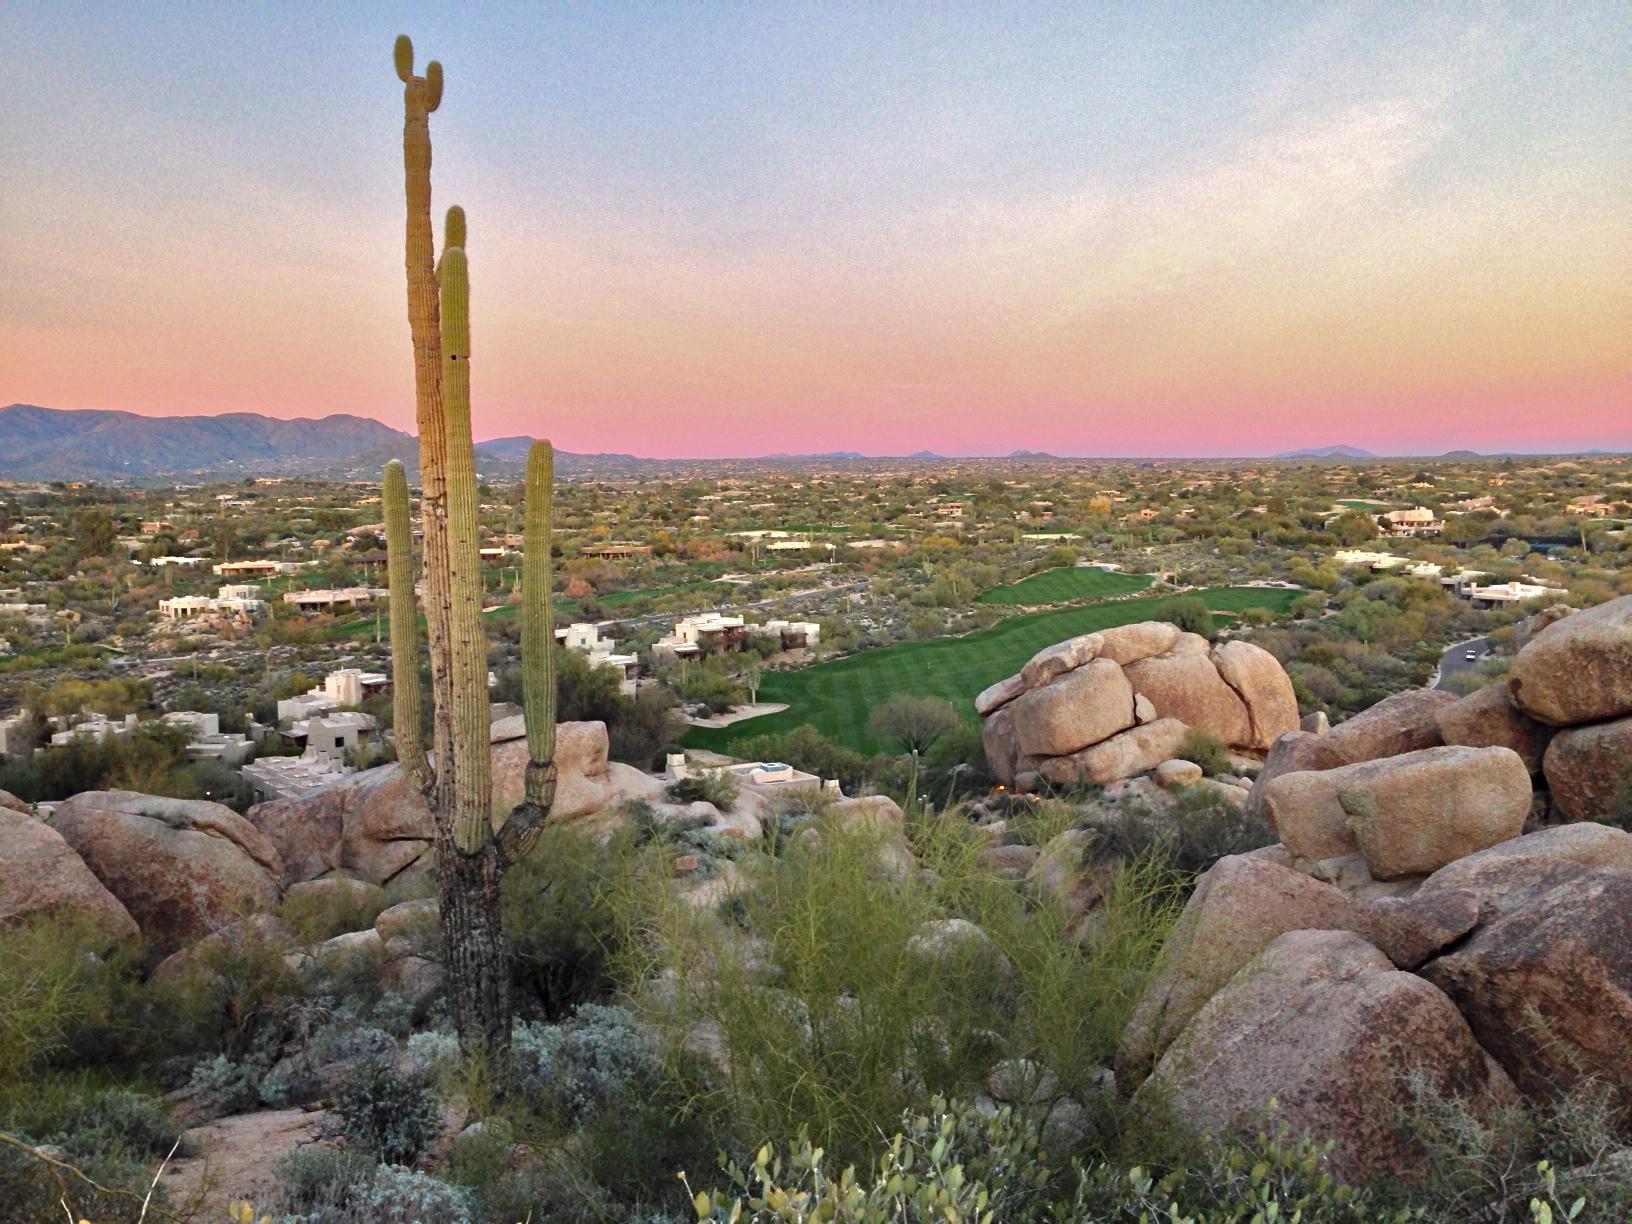 Winter Warmth, Desert Zen at The Boulders